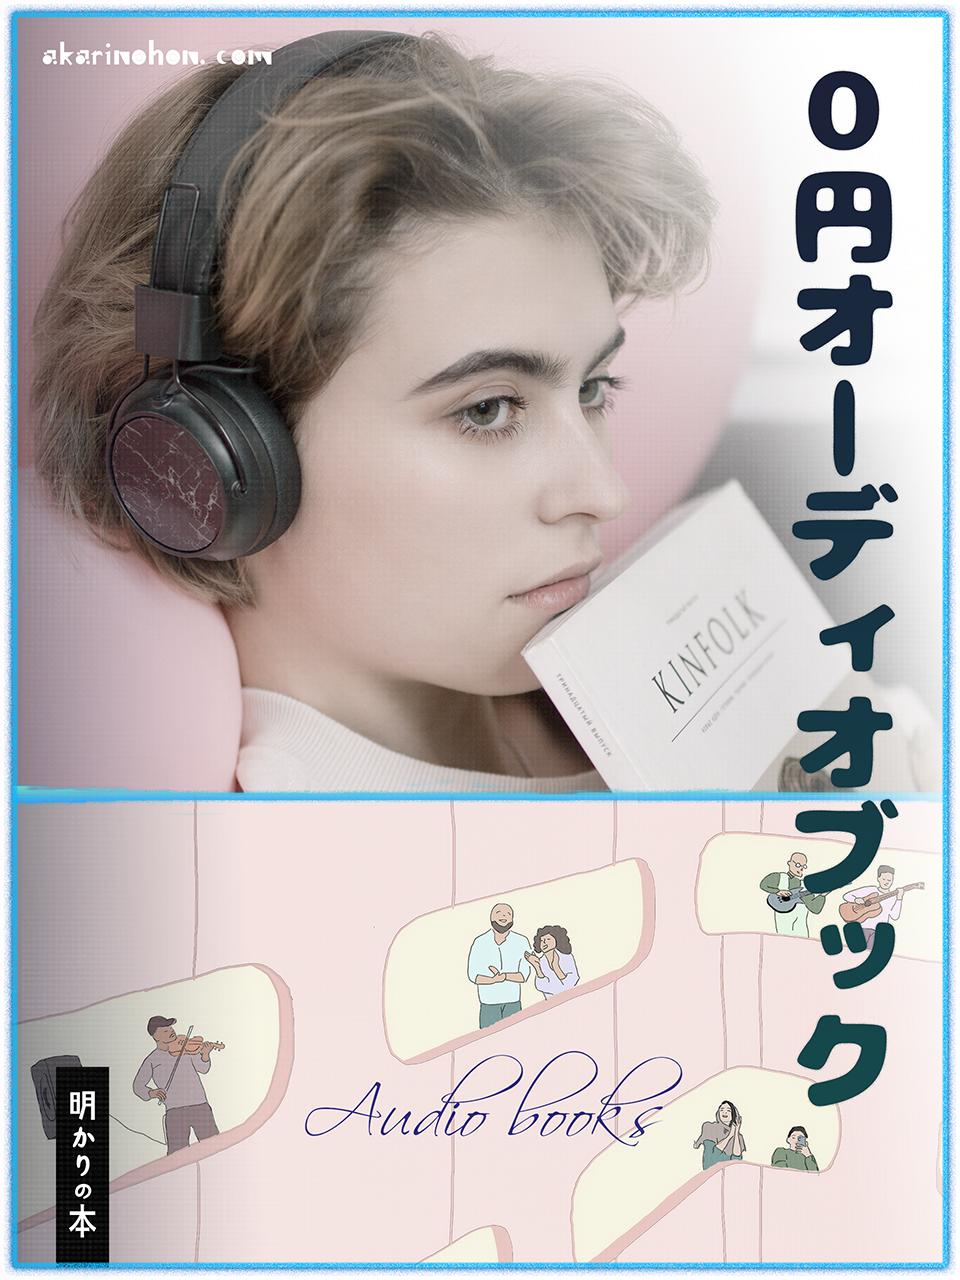 audiobooks01 1 - 0円オーディオブック